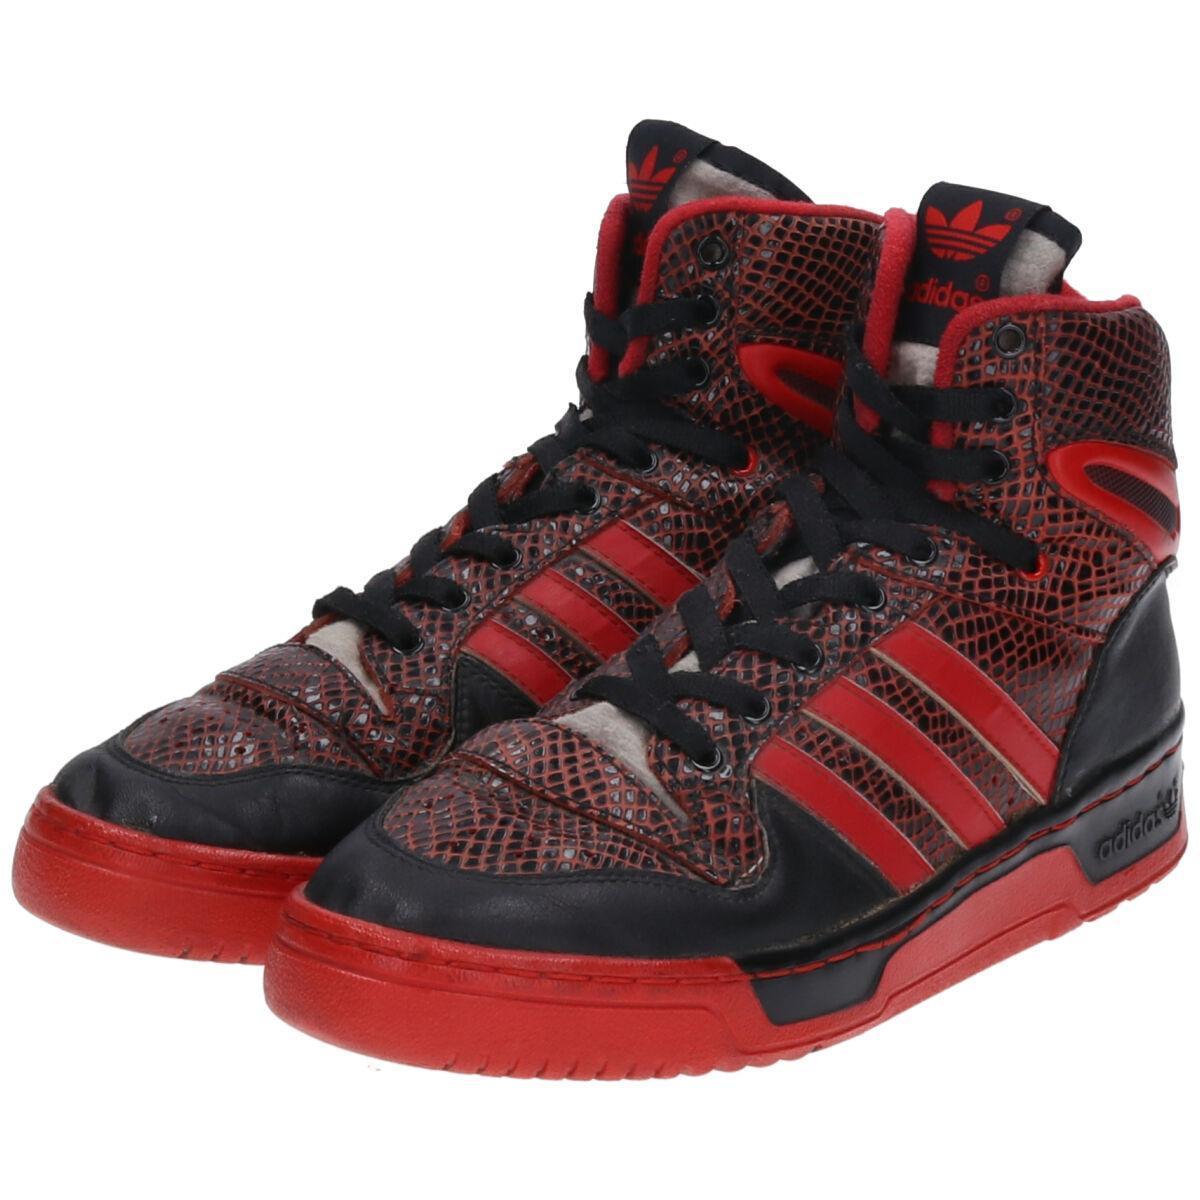 メンズ靴, スニーカー 80 adidas METRO ATTITUDE 8.5 27.0cm bpa000253 200420SVTG